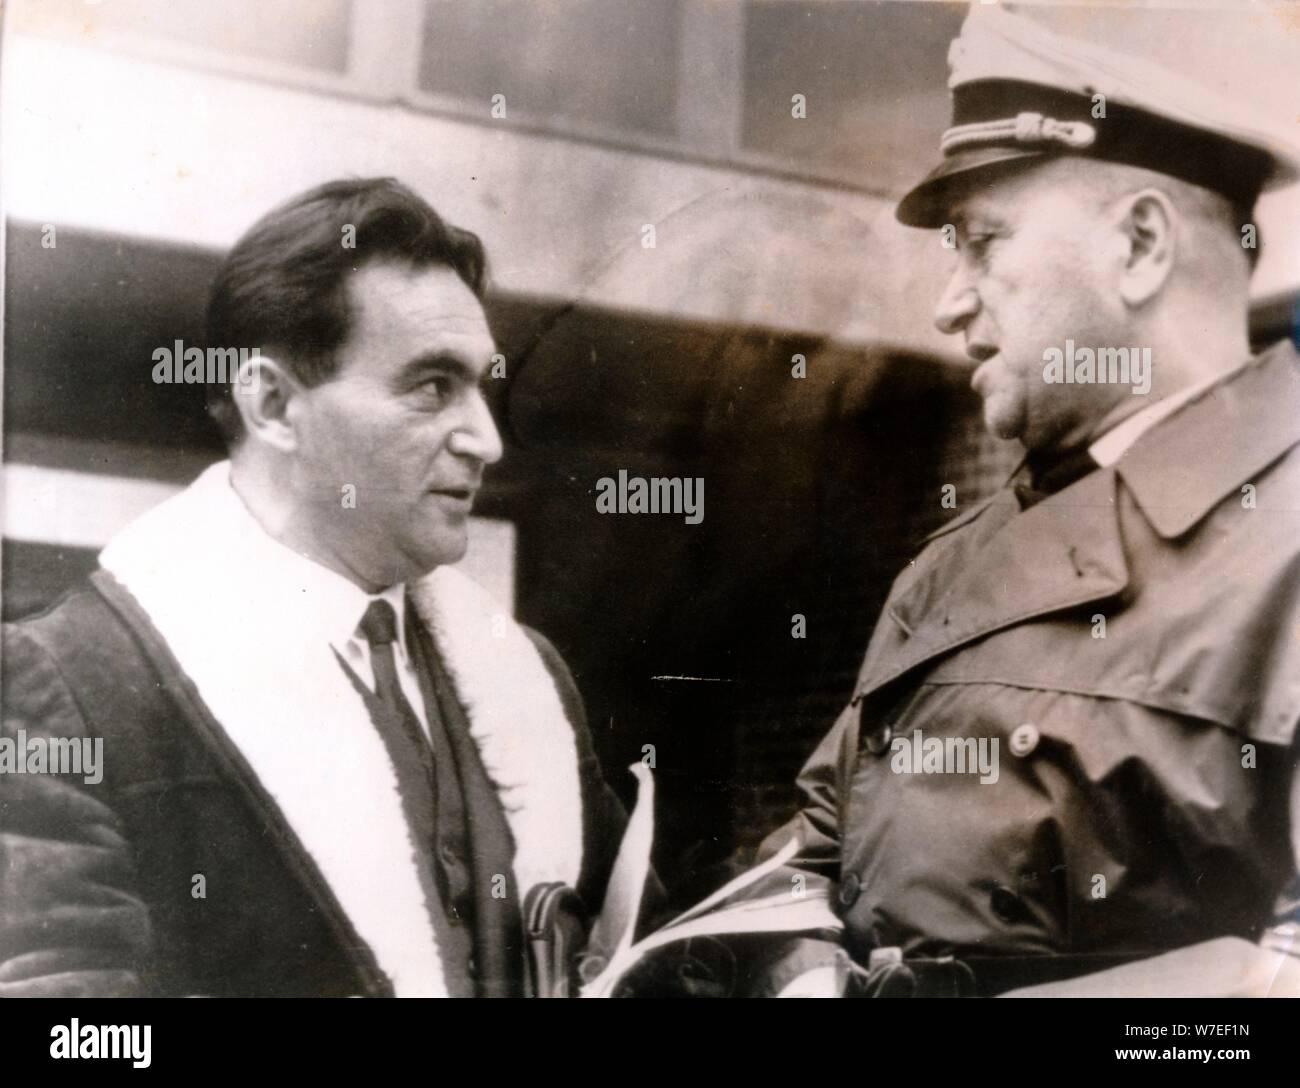 Cappotto Militare Tedesco Immagini e Fotos Stock Alamy